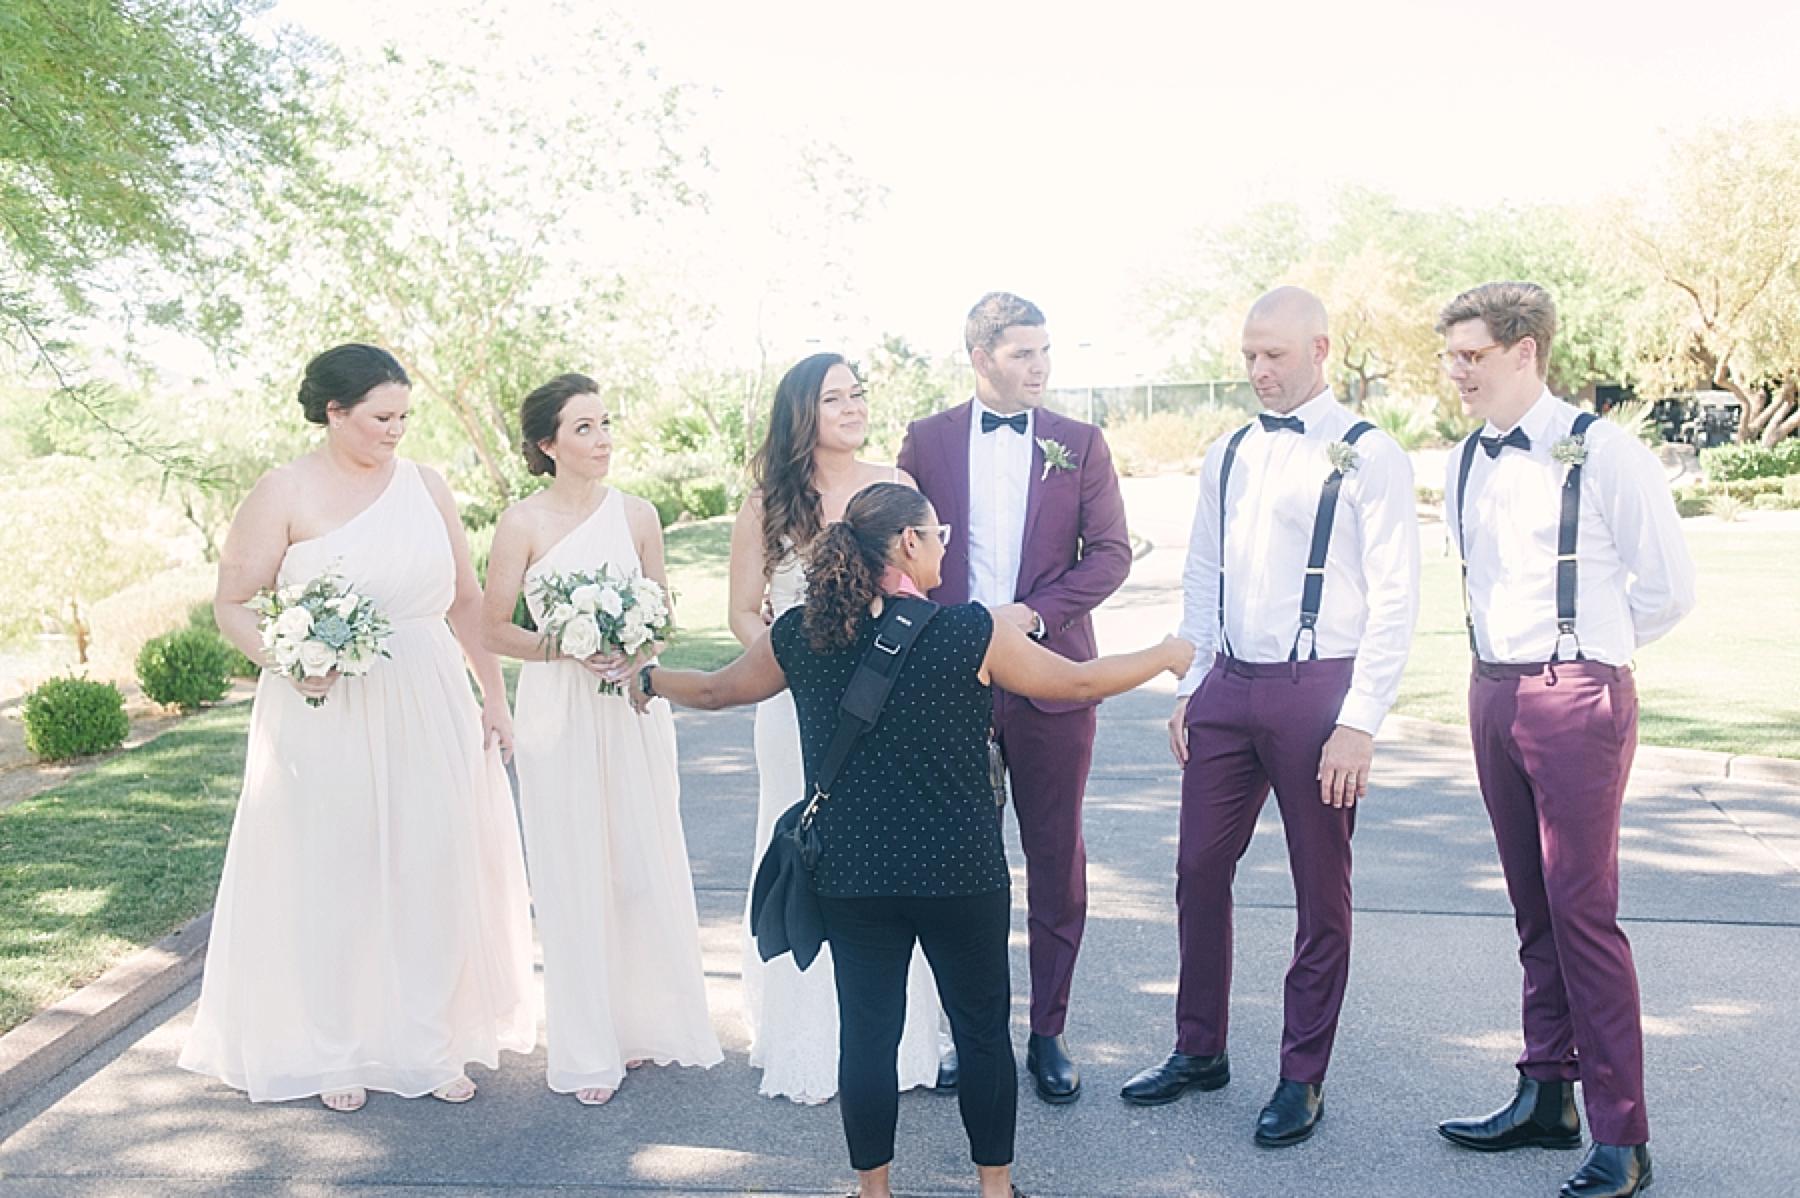 las_vegas_wedding_photographers_behind_the_scenes-02-8.jpg